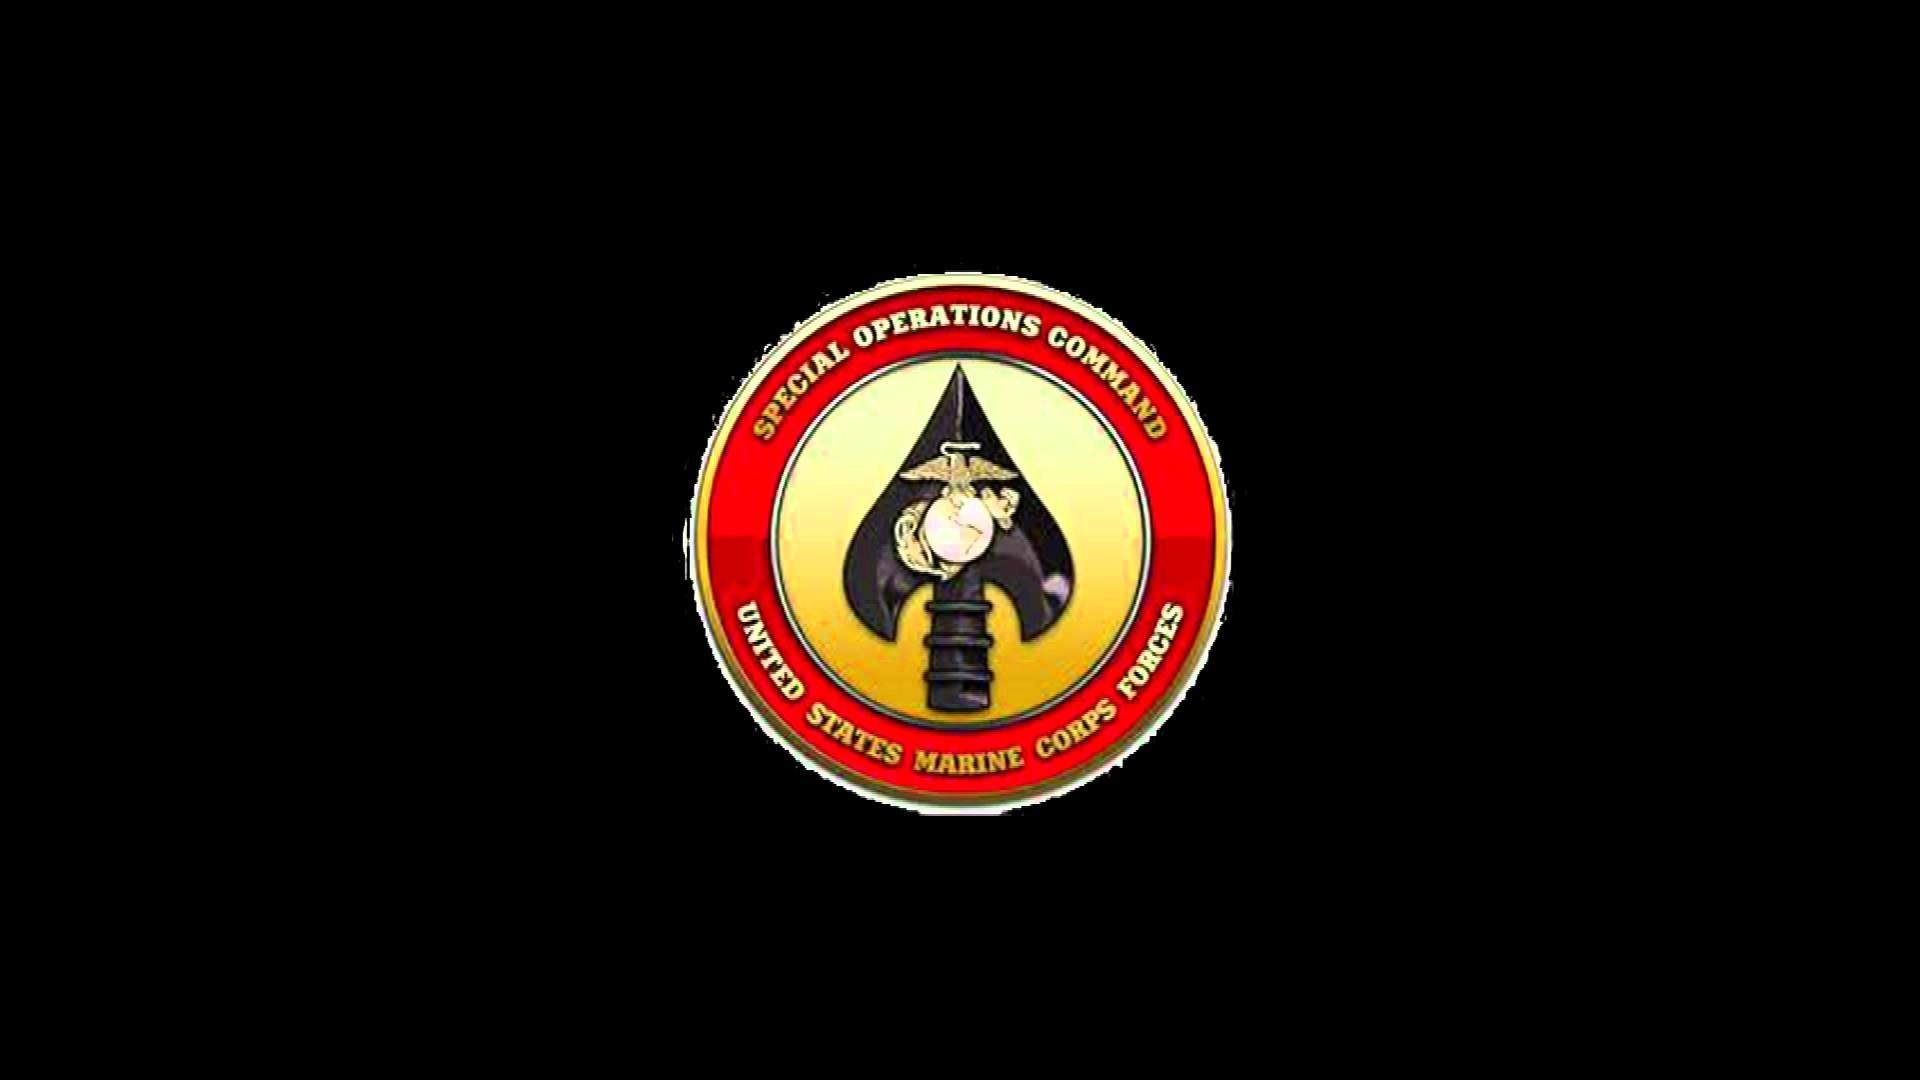 Res: 1920x1080, marine corps emblem wallpaper #565135